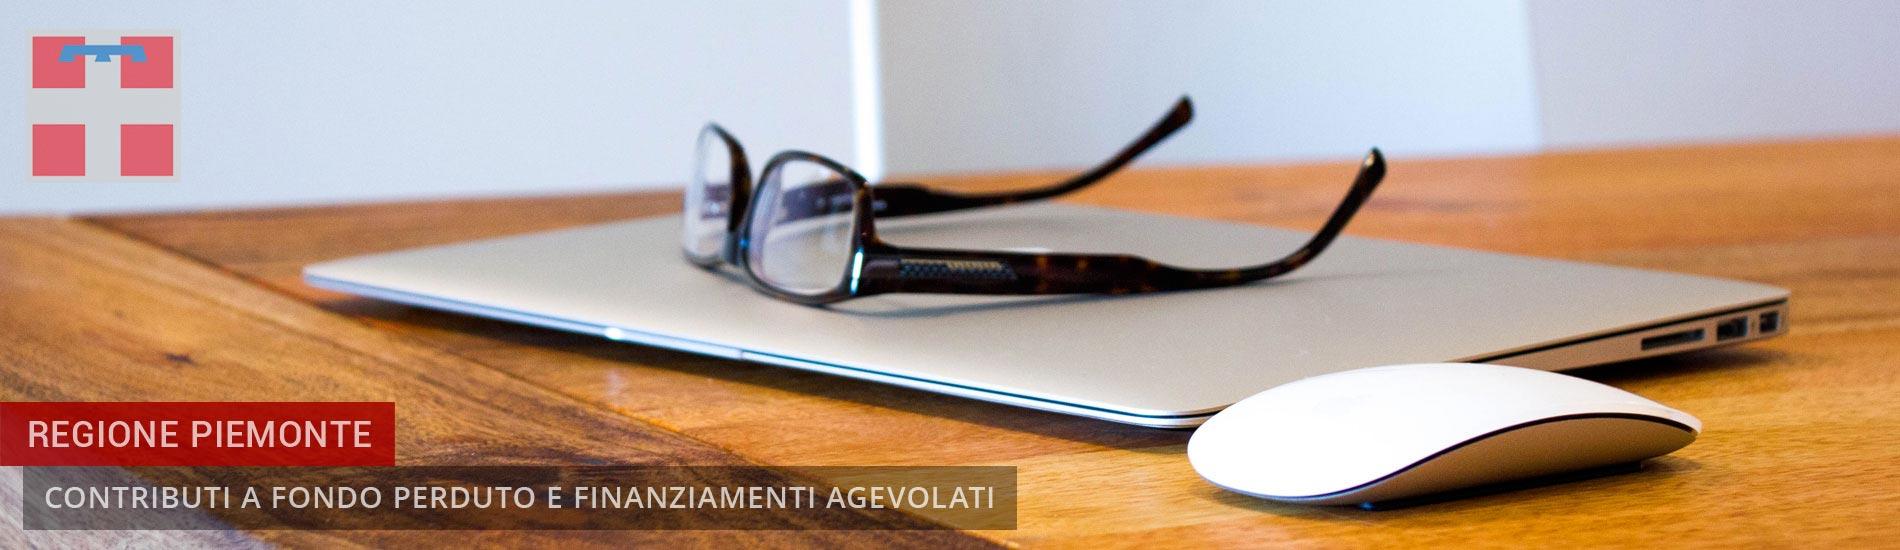 La finanza agevolata in Piemonte